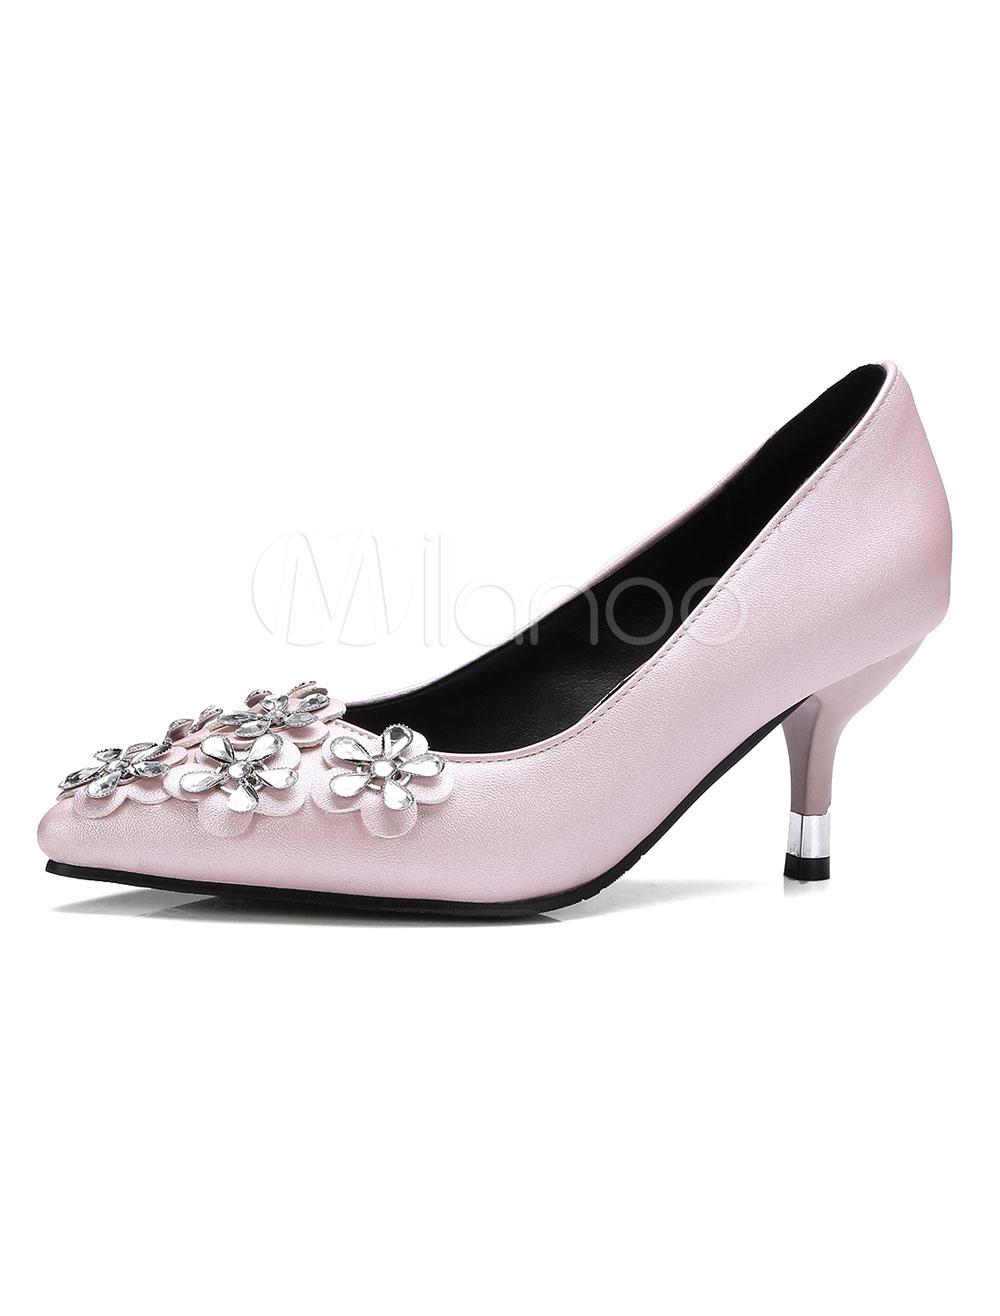 Zapatos de tacón medio de puntera puntiaguada de tacón de kitten estilo modernopara pasar por la noche de PU ue1df24fE